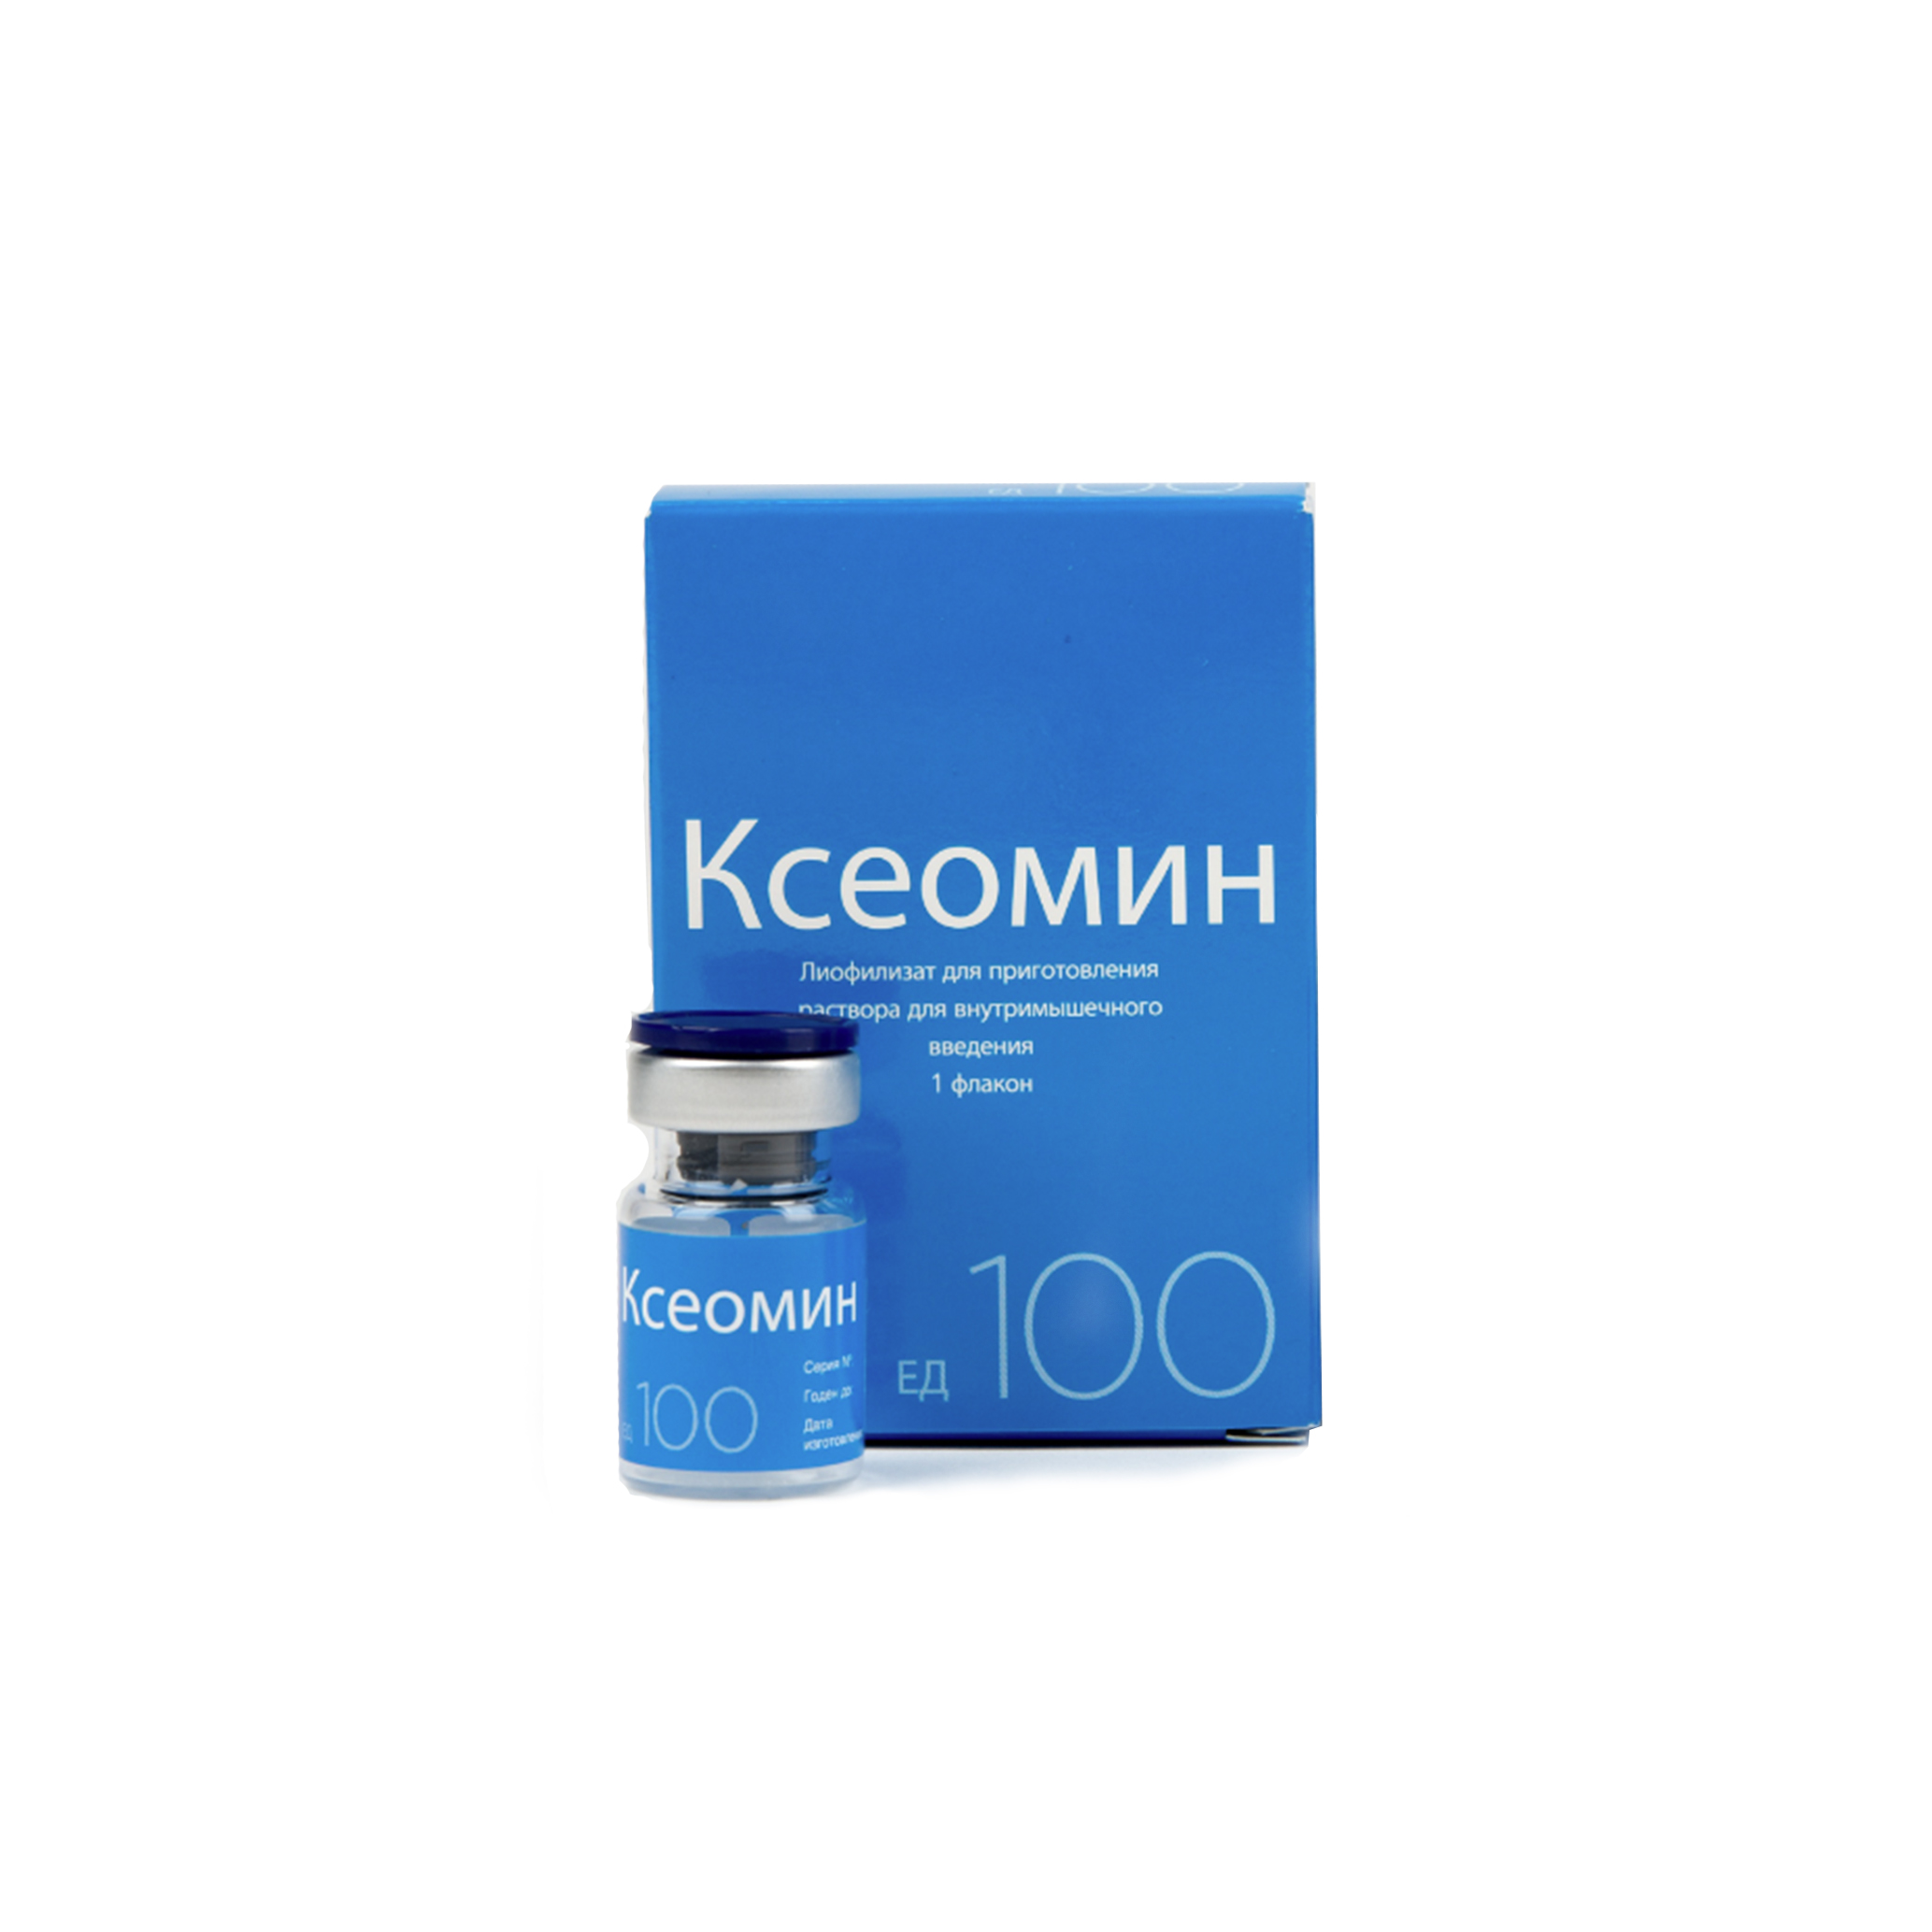 Ксеомин (xeomin): отзывы косметологов и пациентов, цена за единицу (50 и 100 ед), описание препарата, фото до и после, отличие от диспорта, ботокса и других, побочные действия